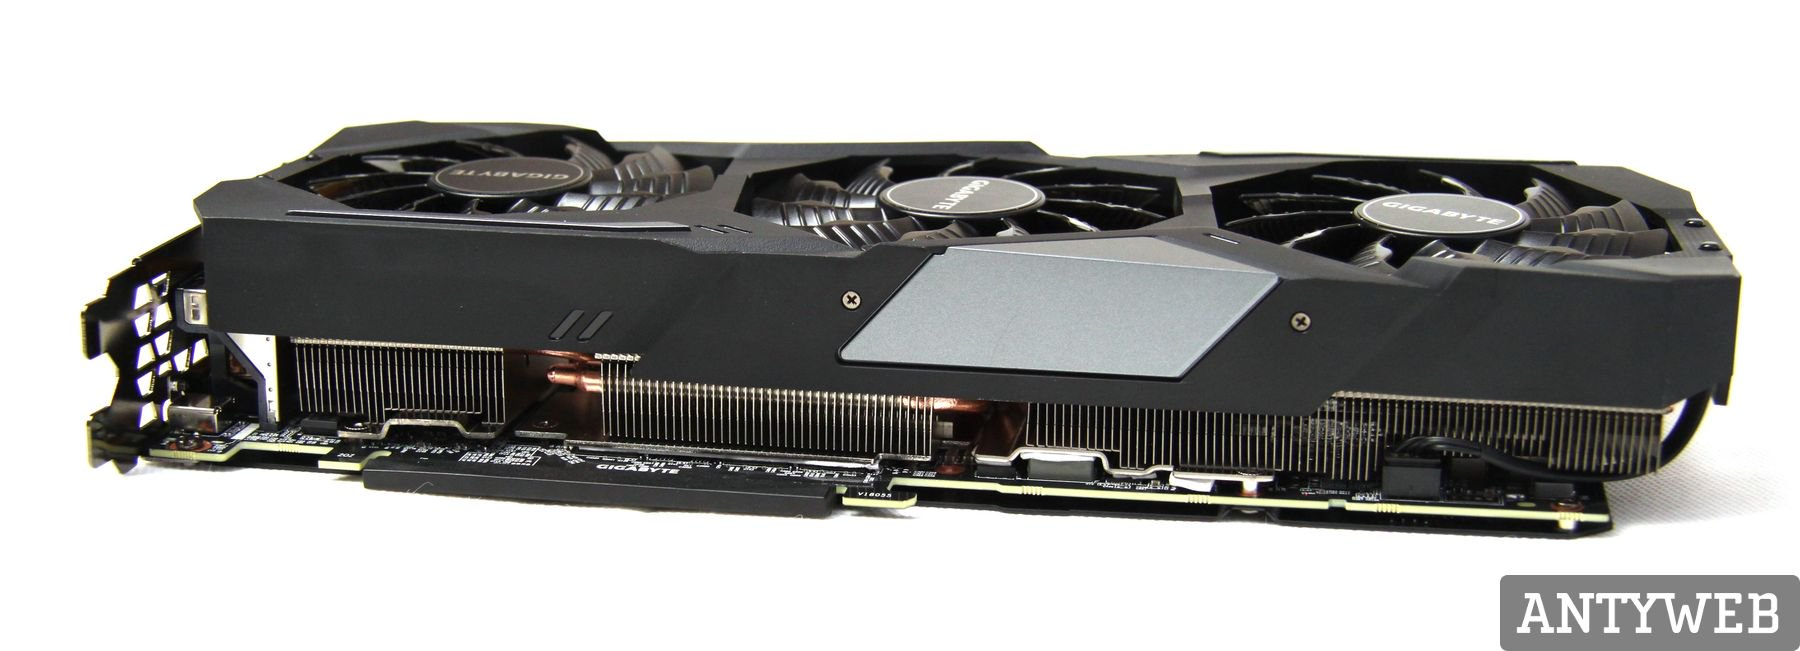 Recenzja Gigabyte GeForce RTX 2080Ti Gaming OC 11G - system chłodzenia